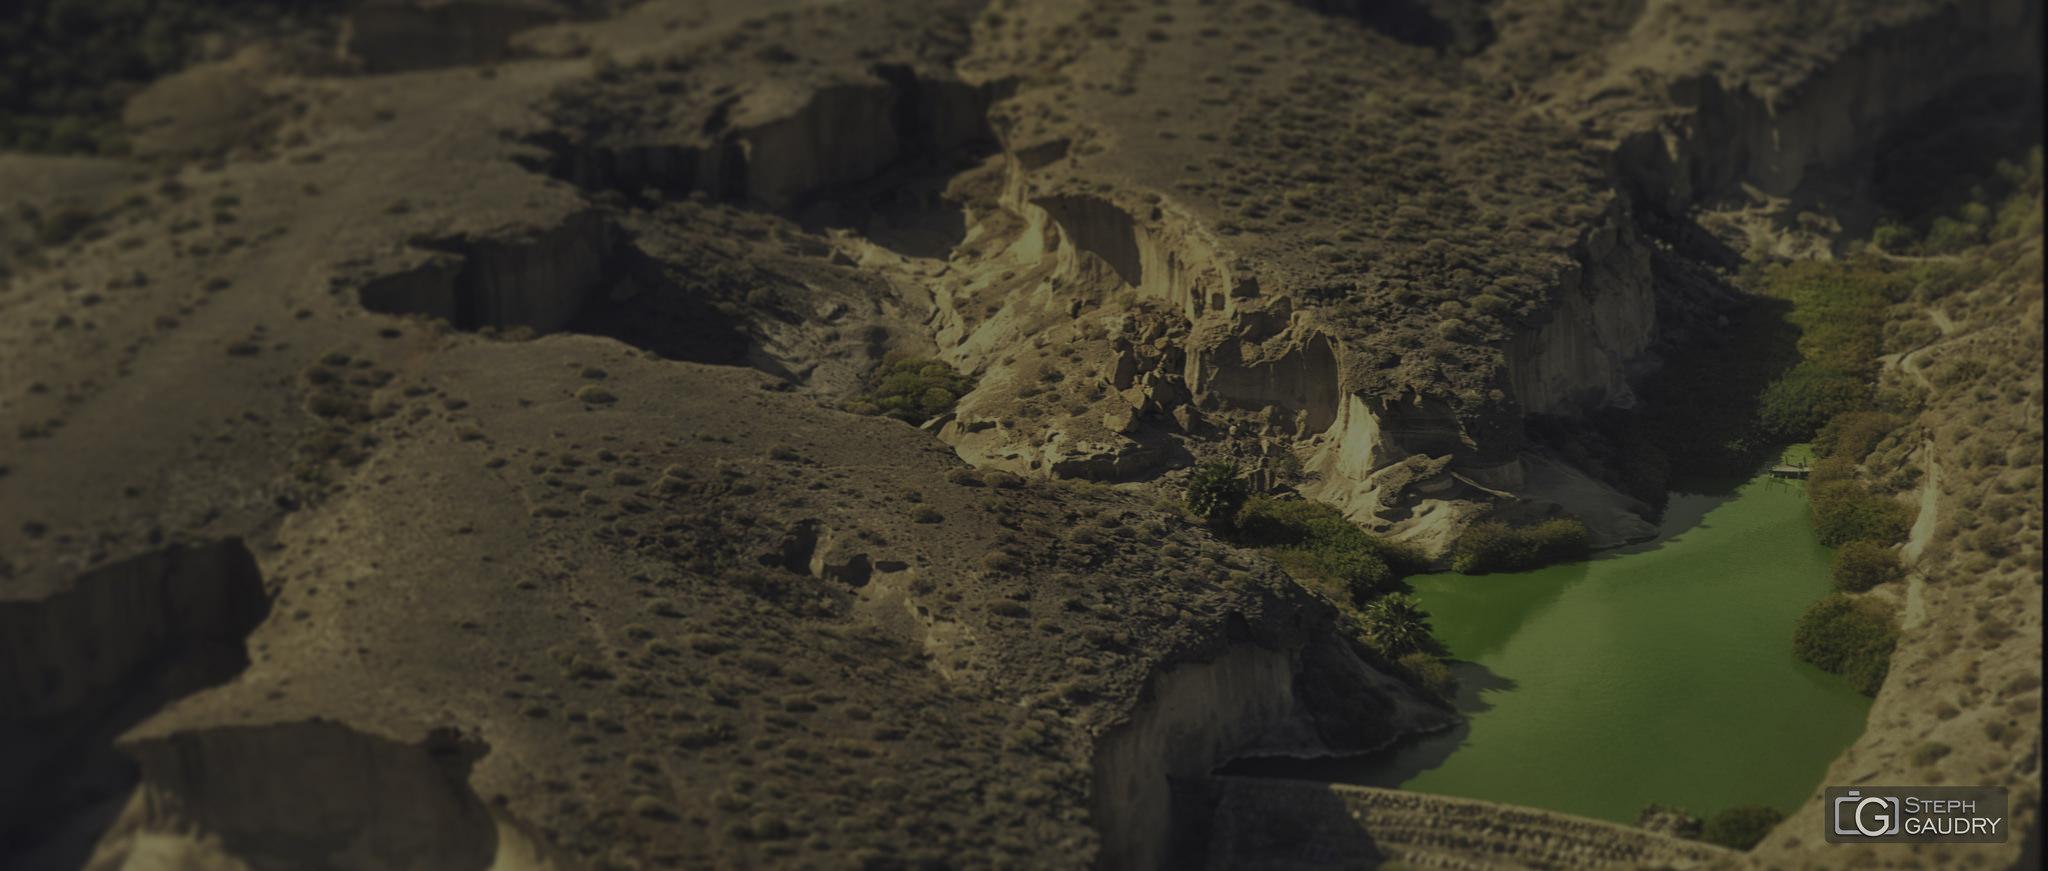 Barranco de la Orchilla [Cliquez pour lancer le diaporama]